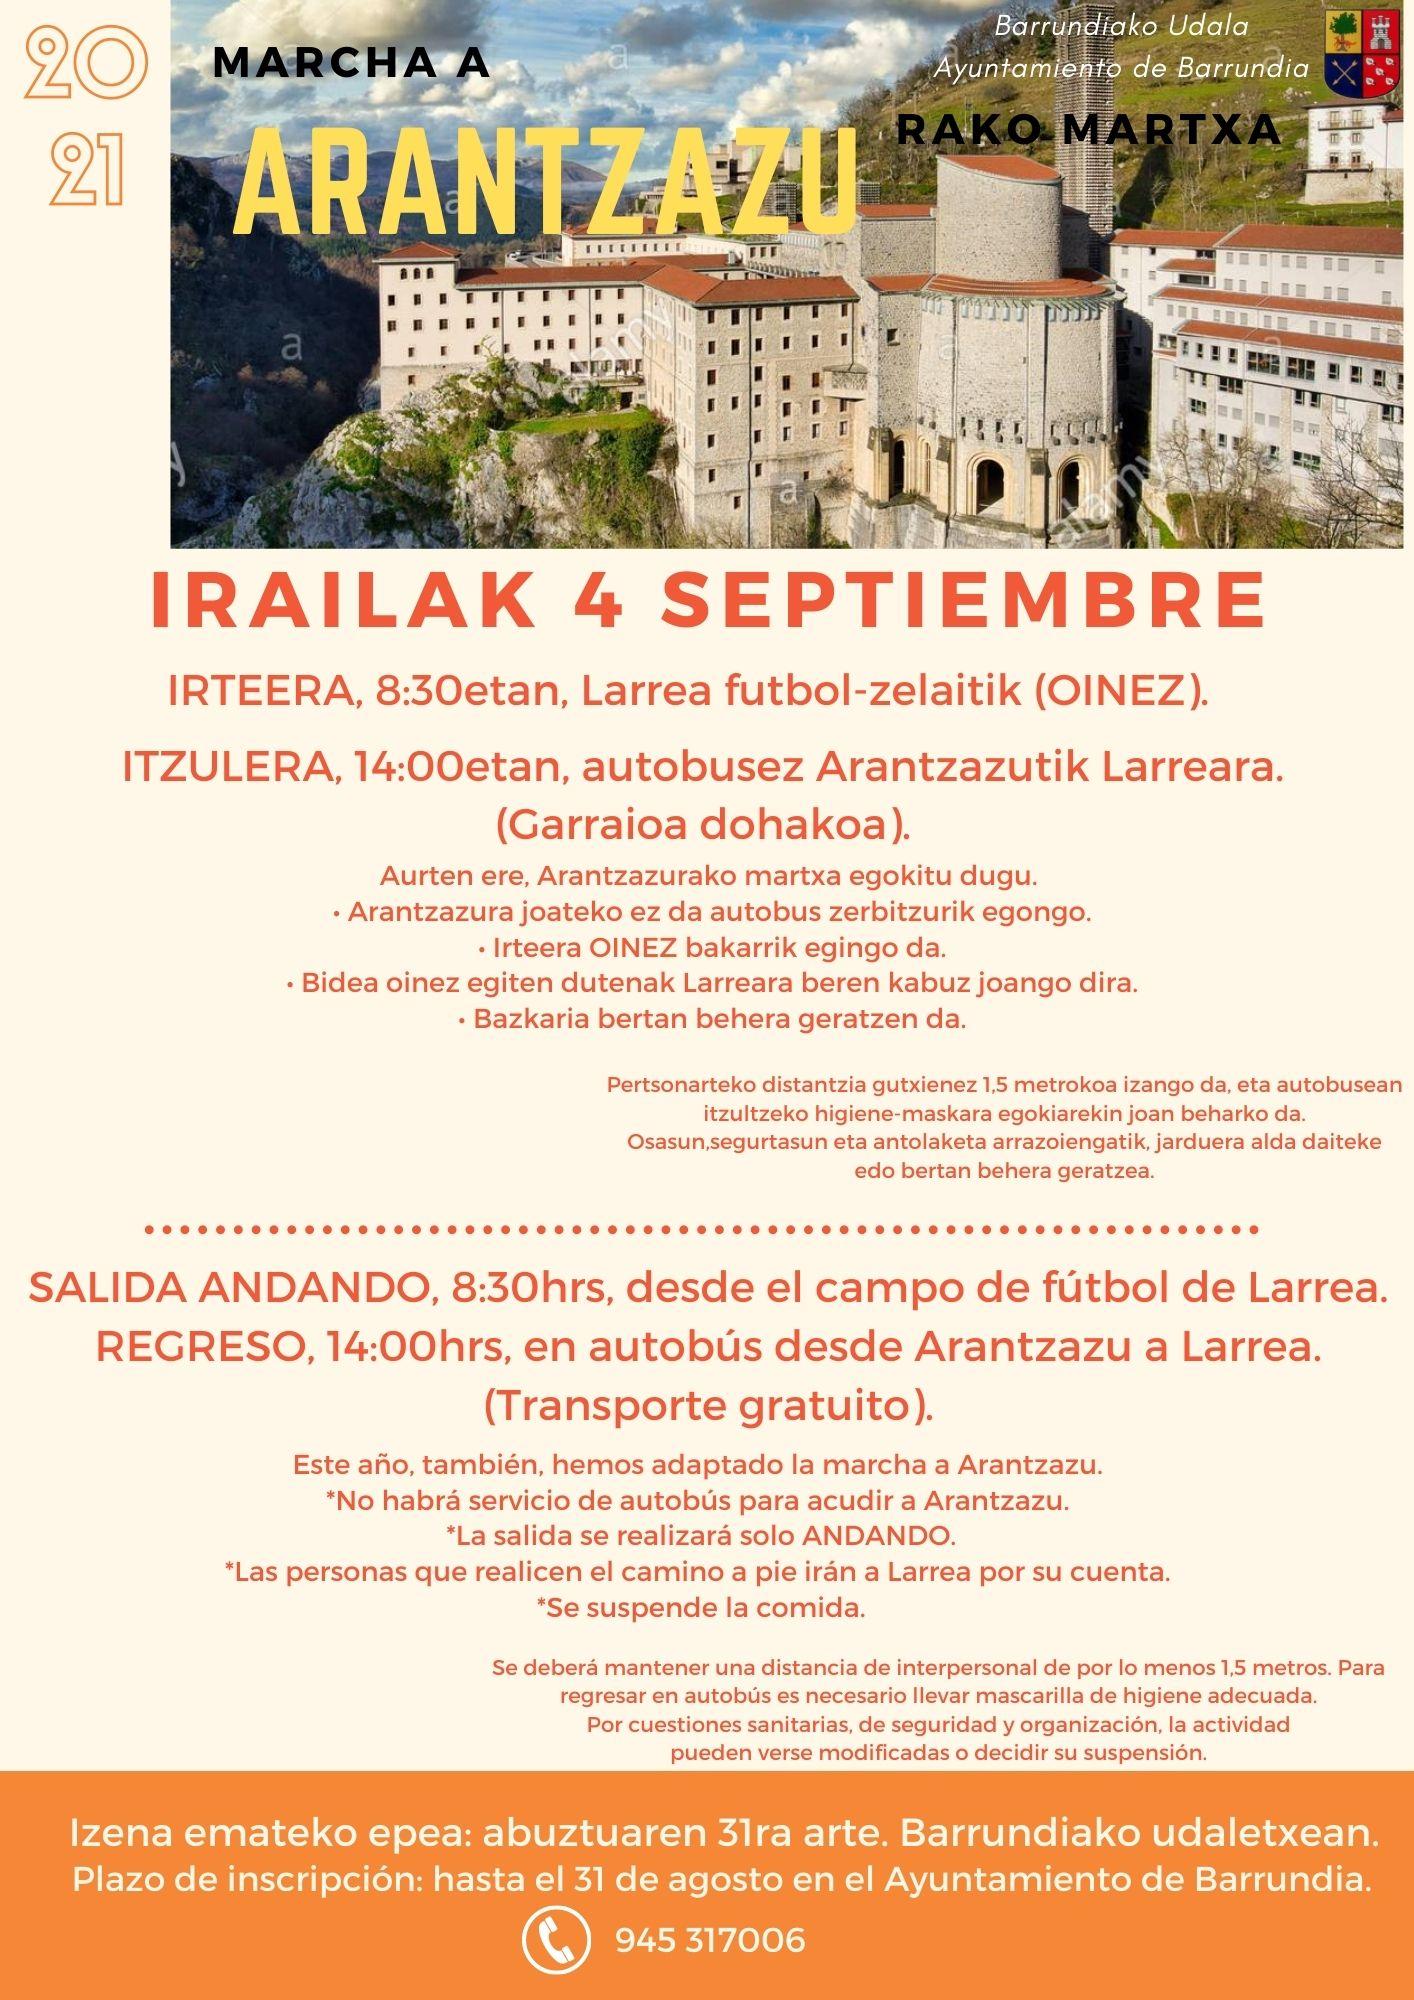 Marcha a Arantzazu 2021, 4 de septiembre